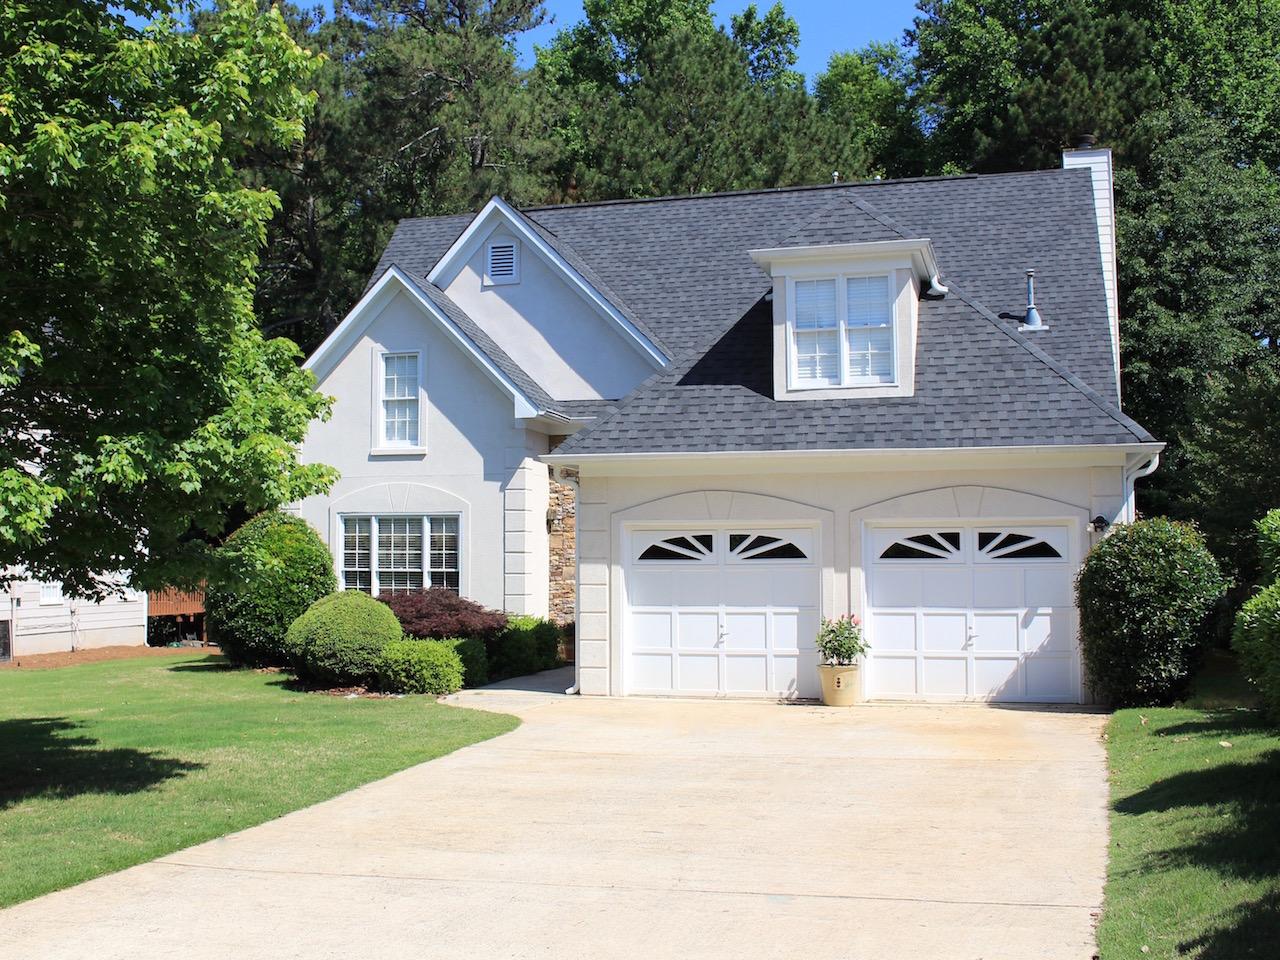 一戸建て のために 売買 アット Johns Creek Location On Private Lot 5210 Coacoochee Terrace Alpharetta, ジョージア, 30022 アメリカ合衆国